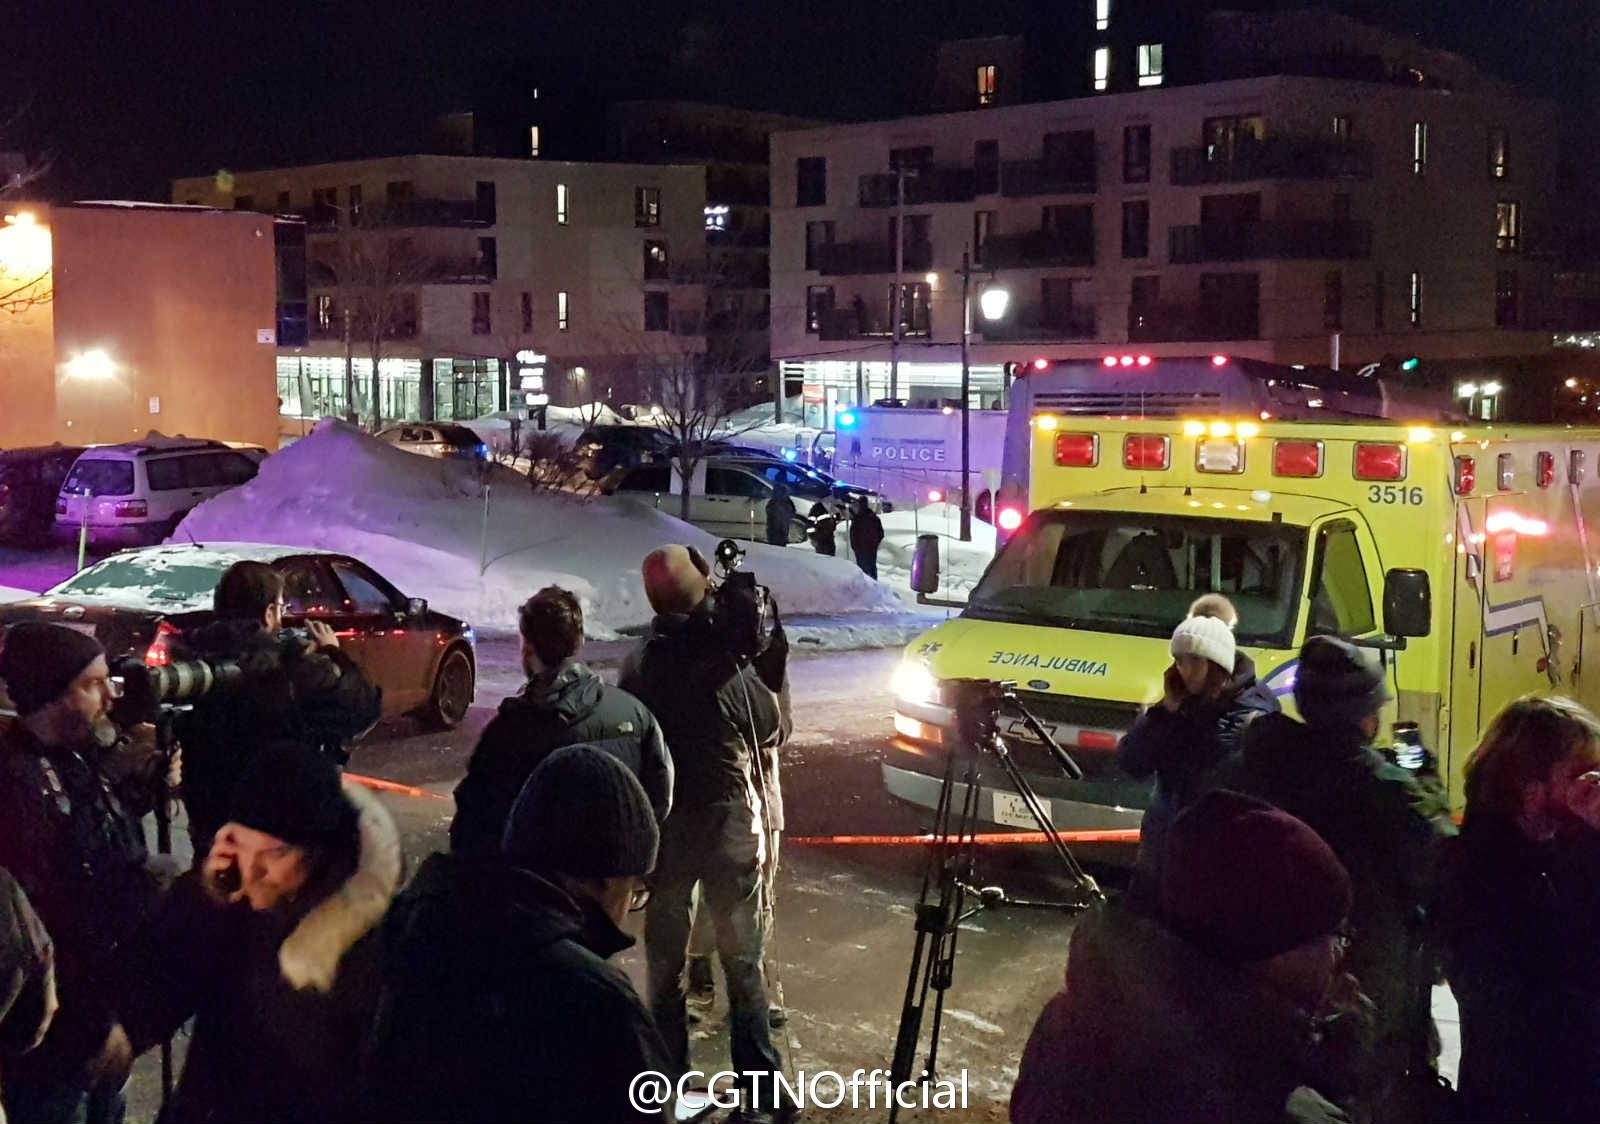 加拿大:蒙面枪手持AK-47闯清真寺射击 已致6死